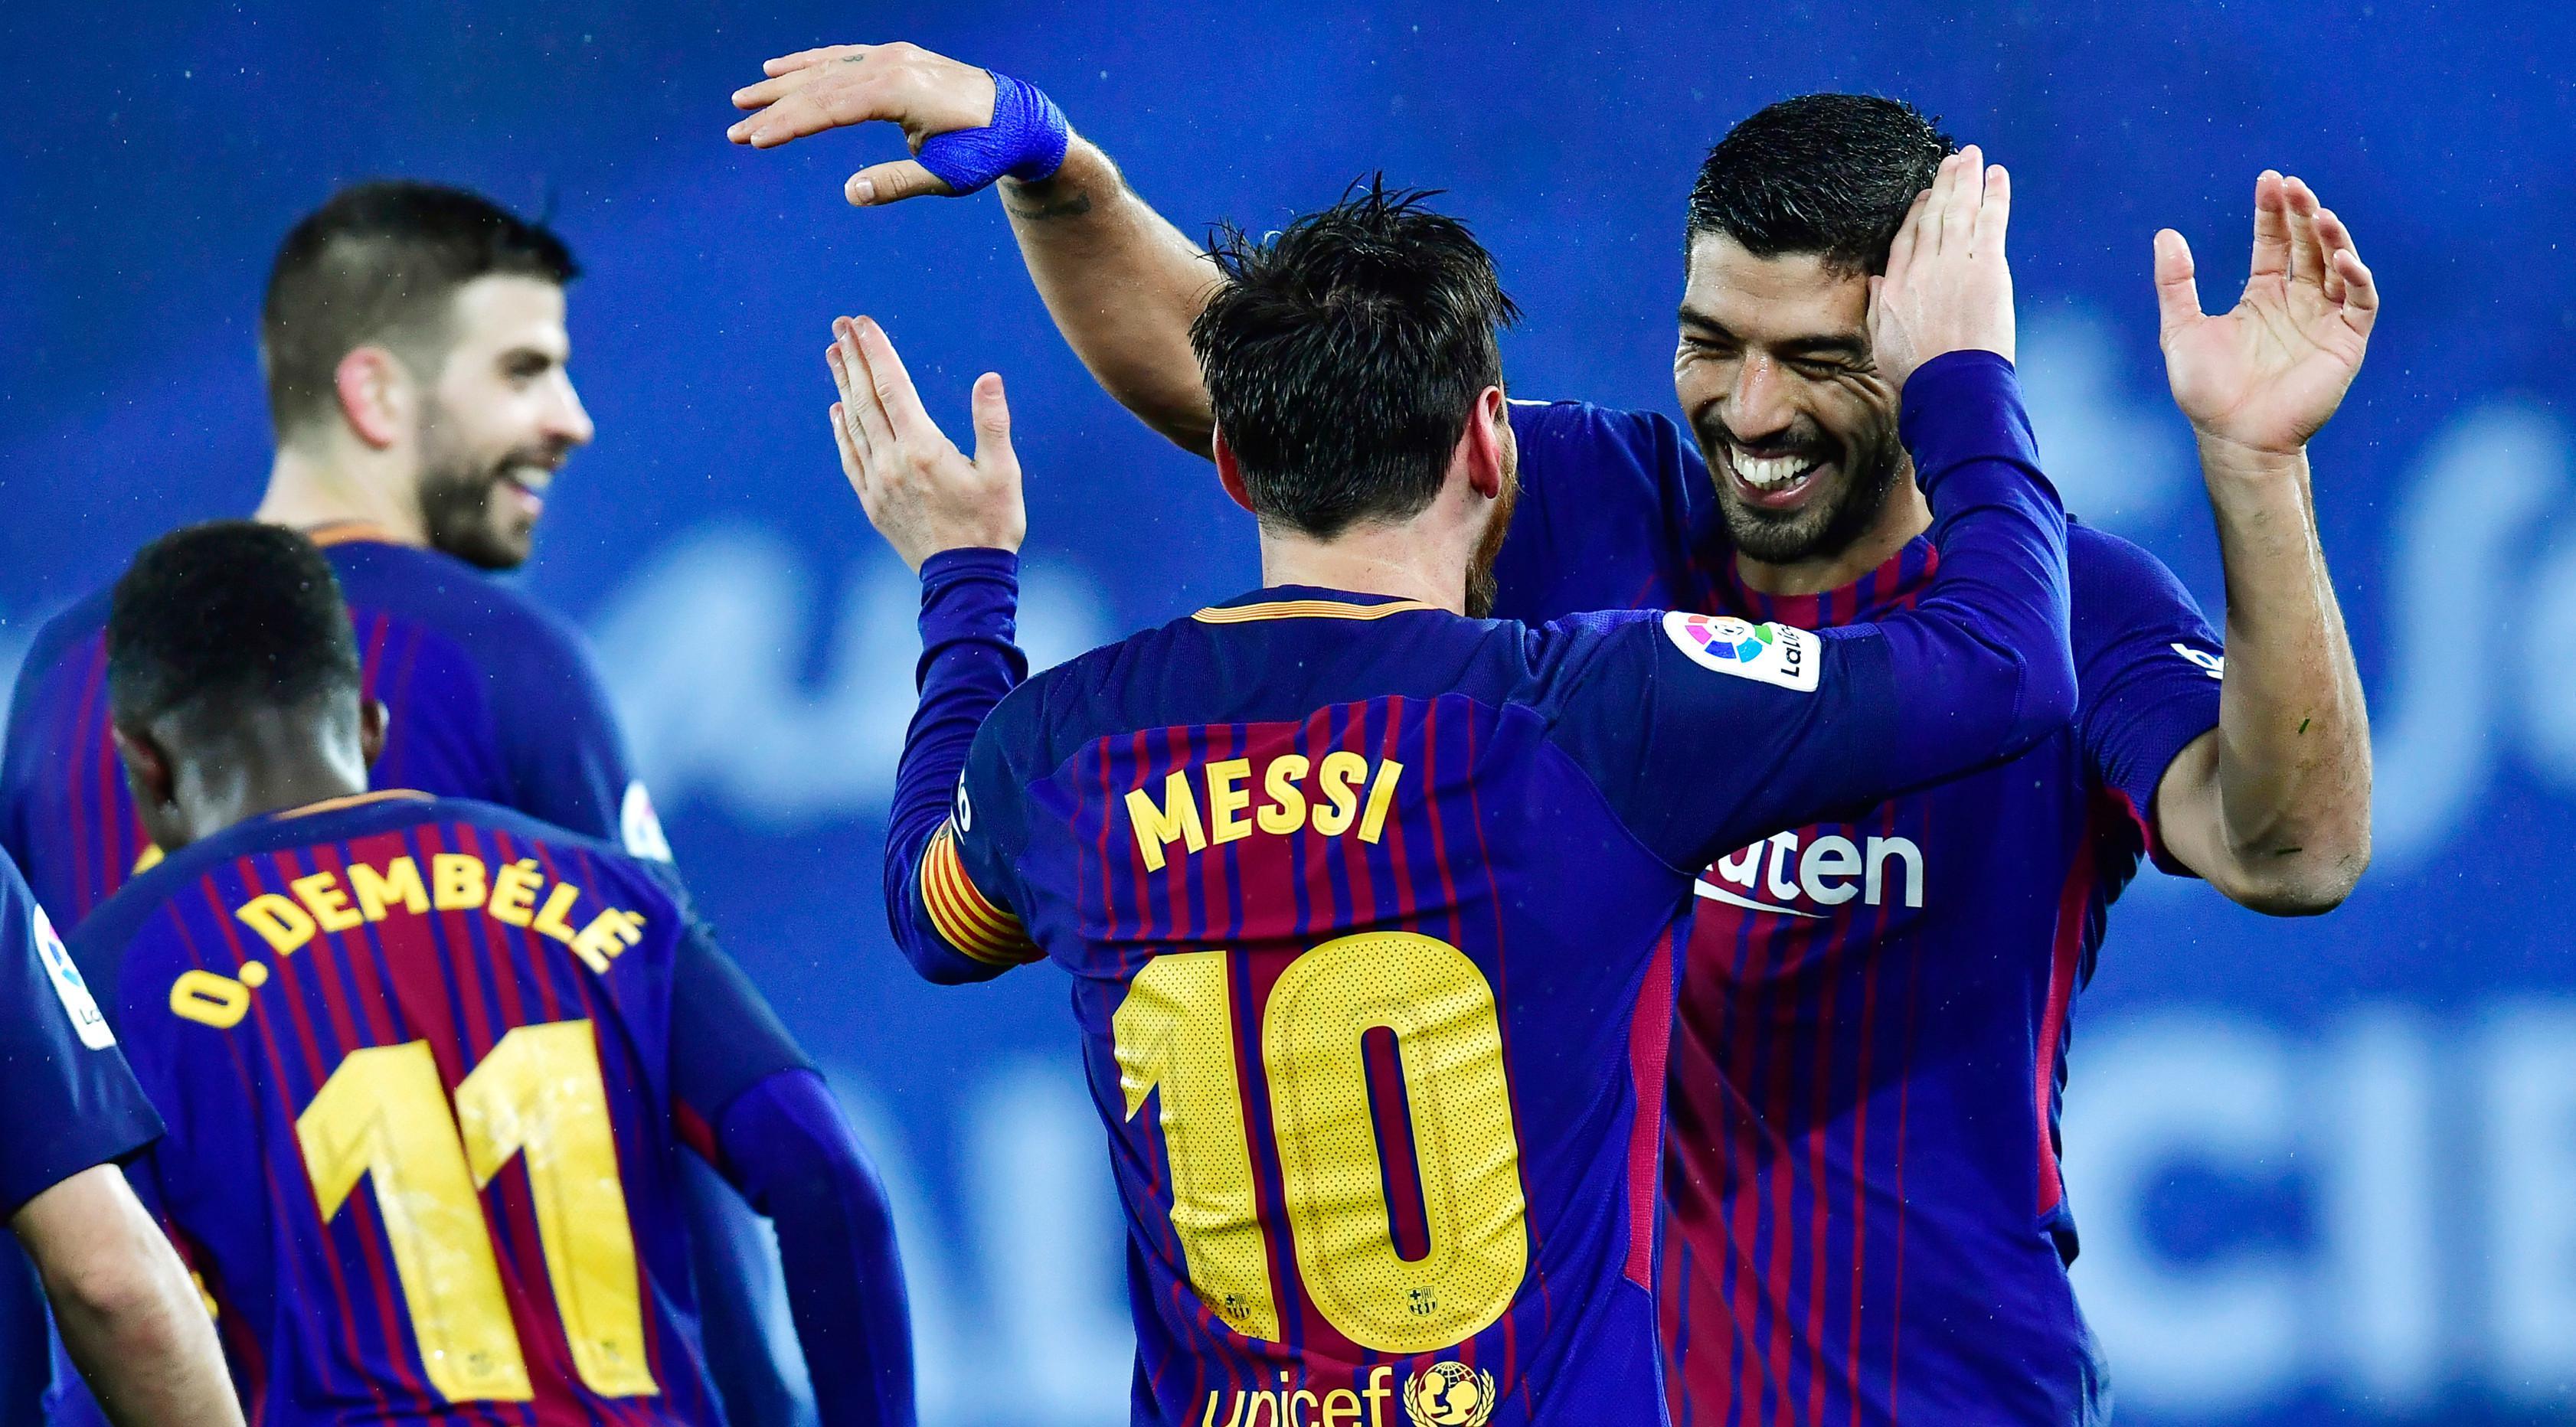 Pemain Barcelona, Lionel Messi dan Luis Suarez merayakan gol ke gawang Real Sociedad pada laga pekan ke-19 La Liga di Stadion Anoeta, Minggu (14/1). Kemenangan berhasil diraih Barcelona 4-2 saat menghadapi Real Sociedad. (AP/Alvaro Barrientos)